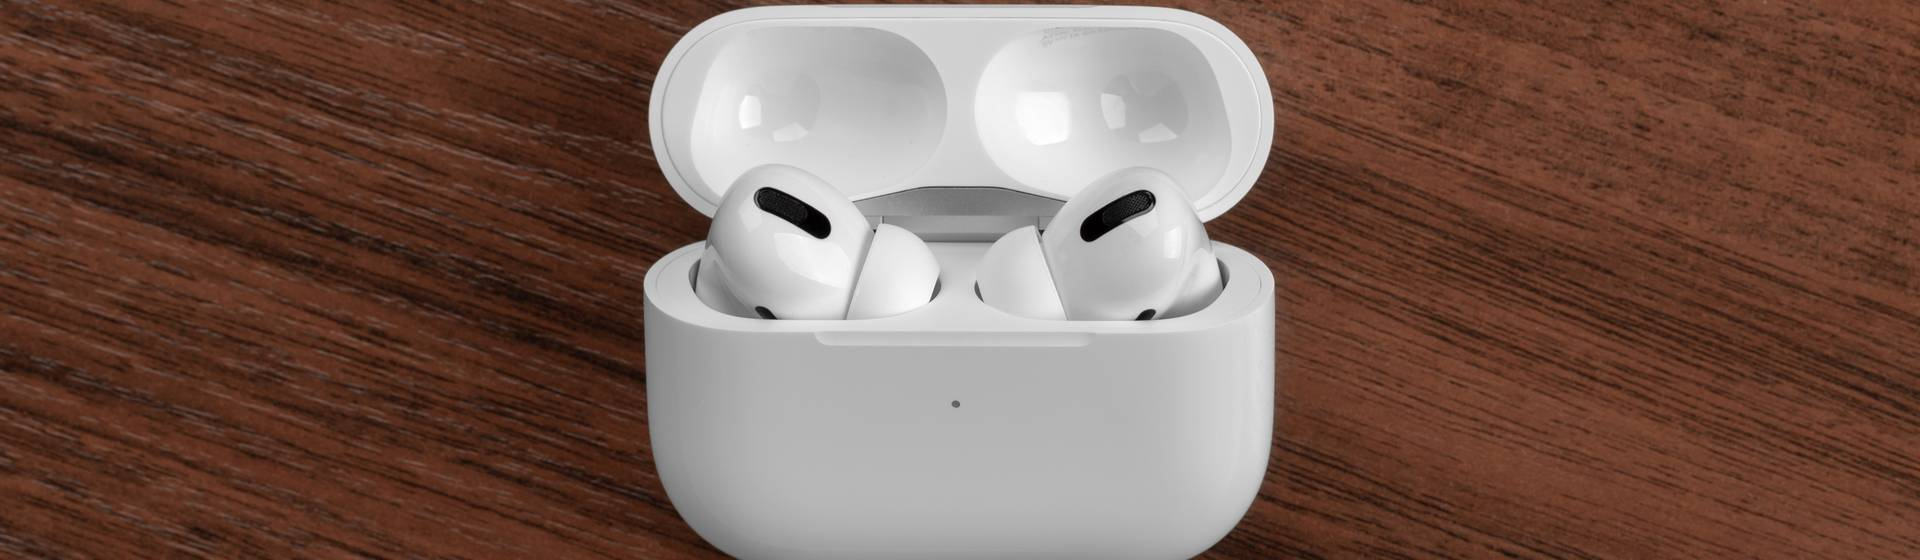 AirPods Pro 2: tudo que sabemos sobre o fone Apple